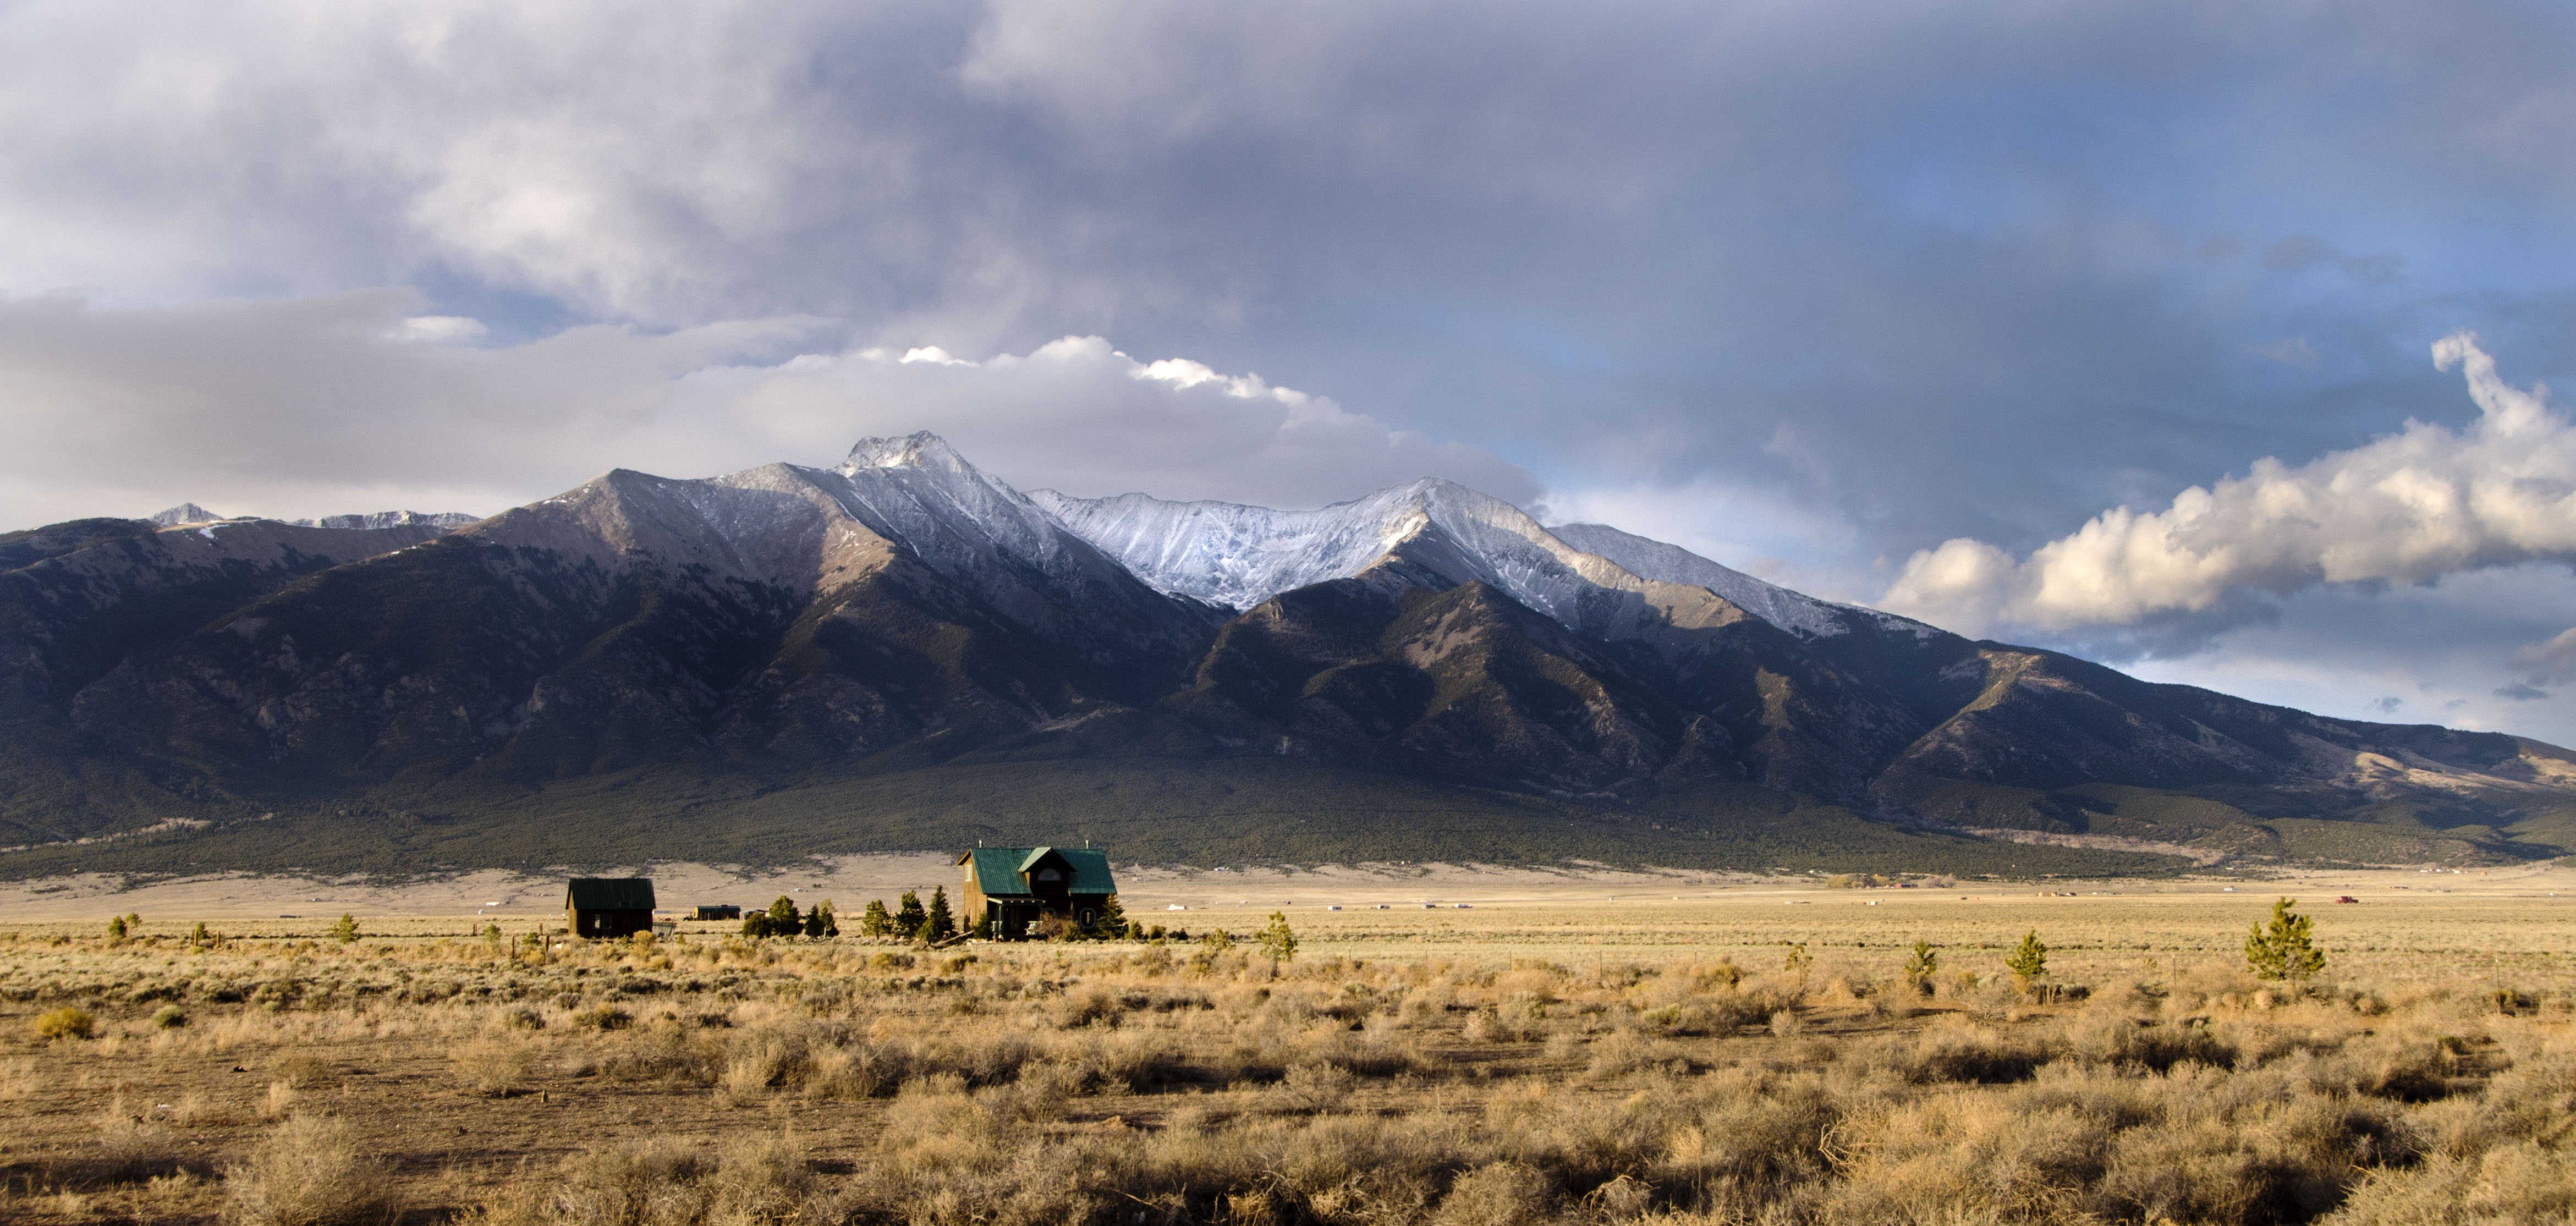 Mt. Blanca Colorado